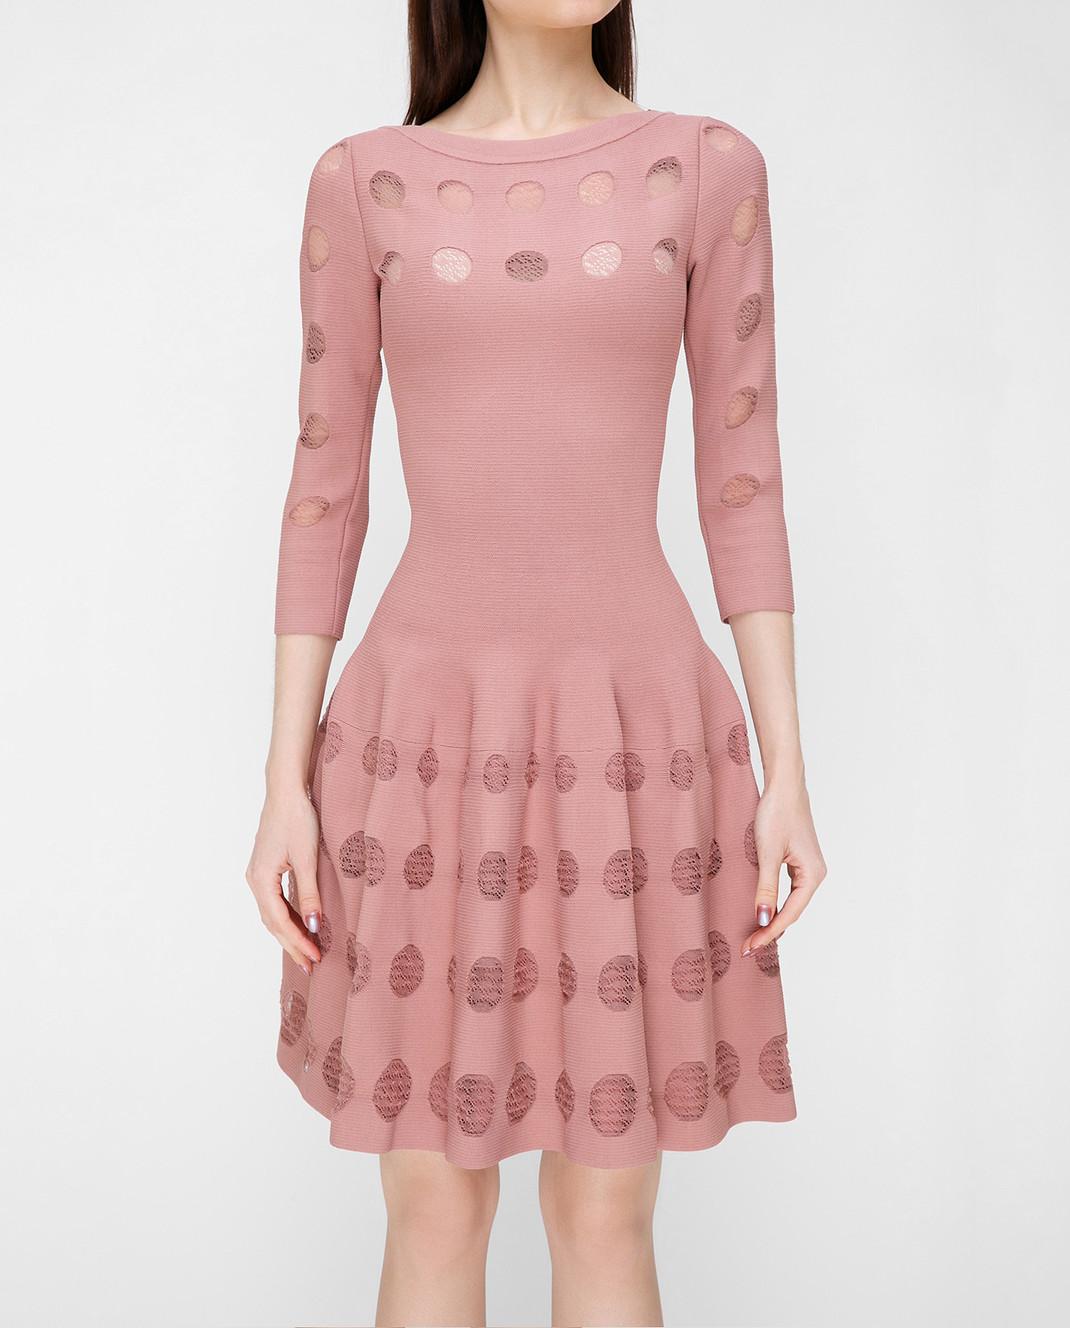 Azzedine Alaia Розовое платье с перфорацией изображение 3